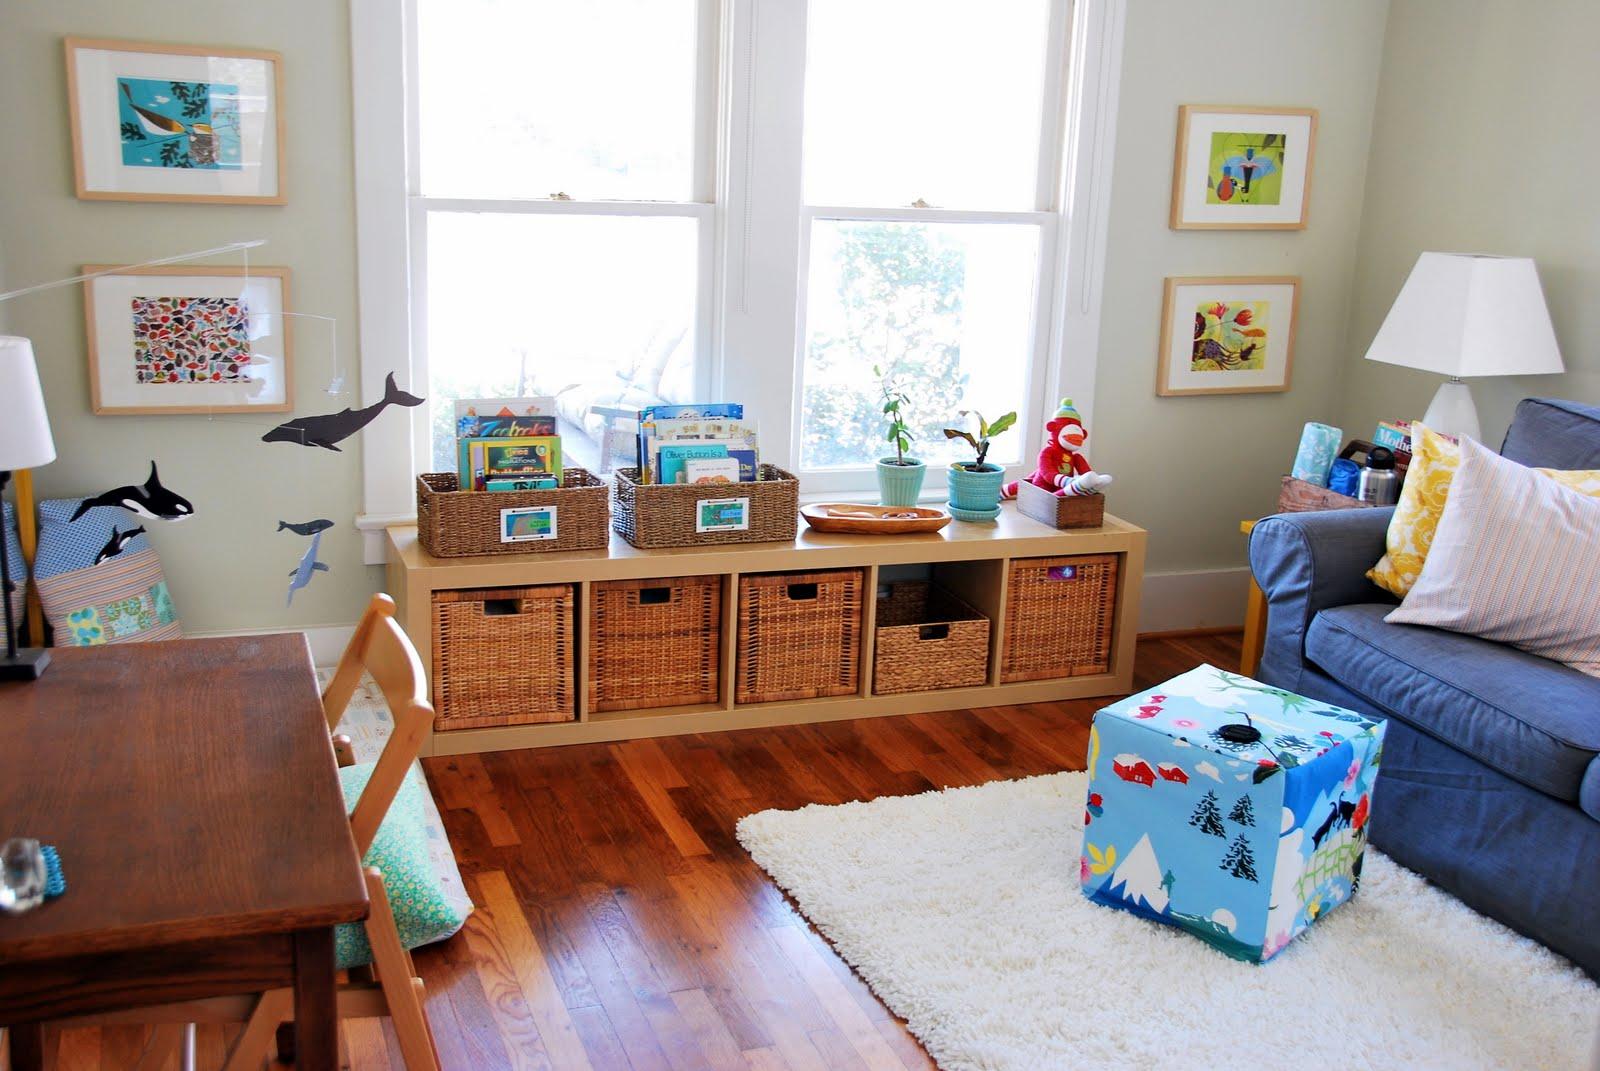 Çocuğunuzun Oyuncaklarının Toplu Durması İçin Öneriler (11)